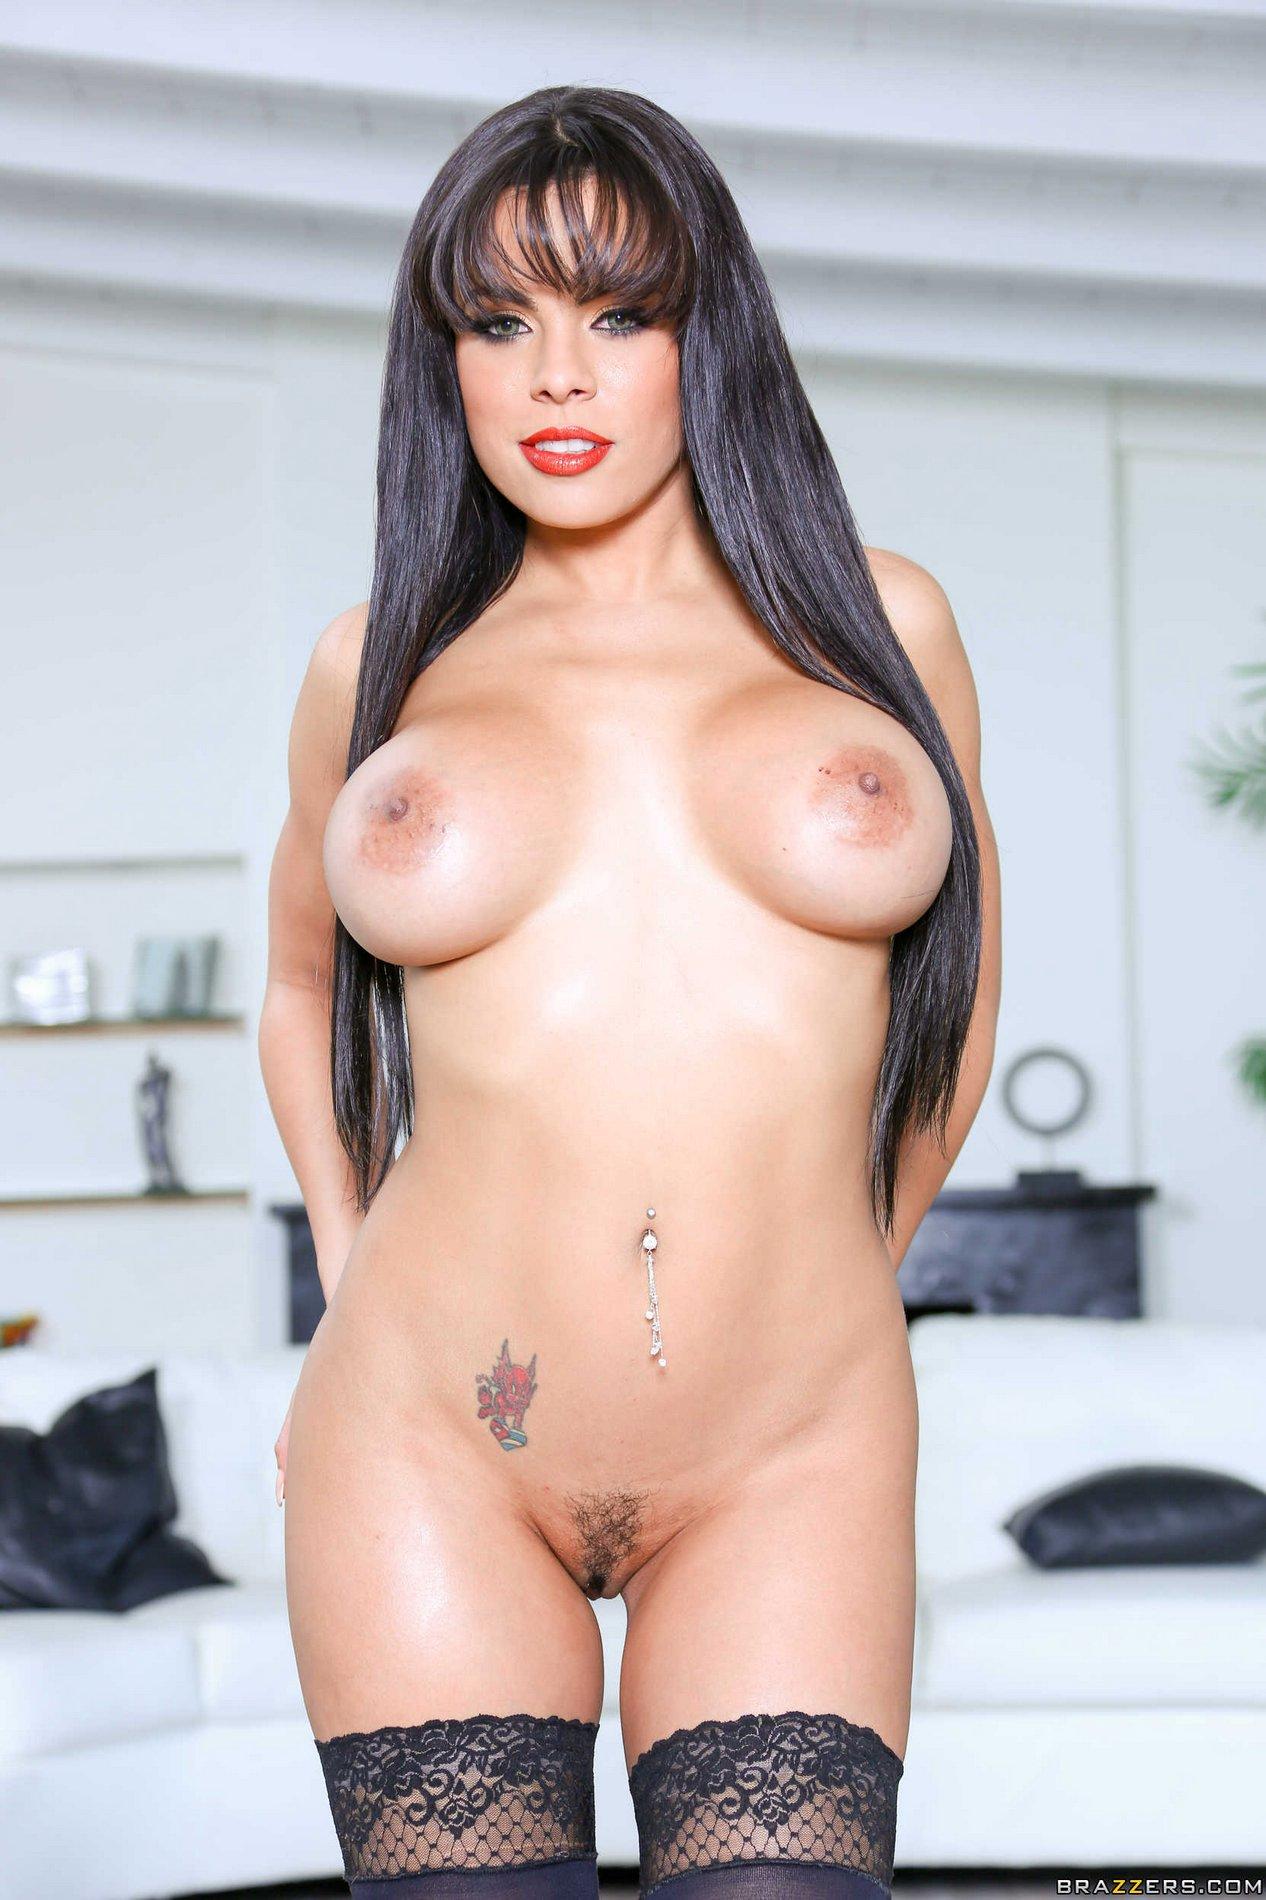 La porn star latina de 58 explica como empezo hacer videos - 1 part 7